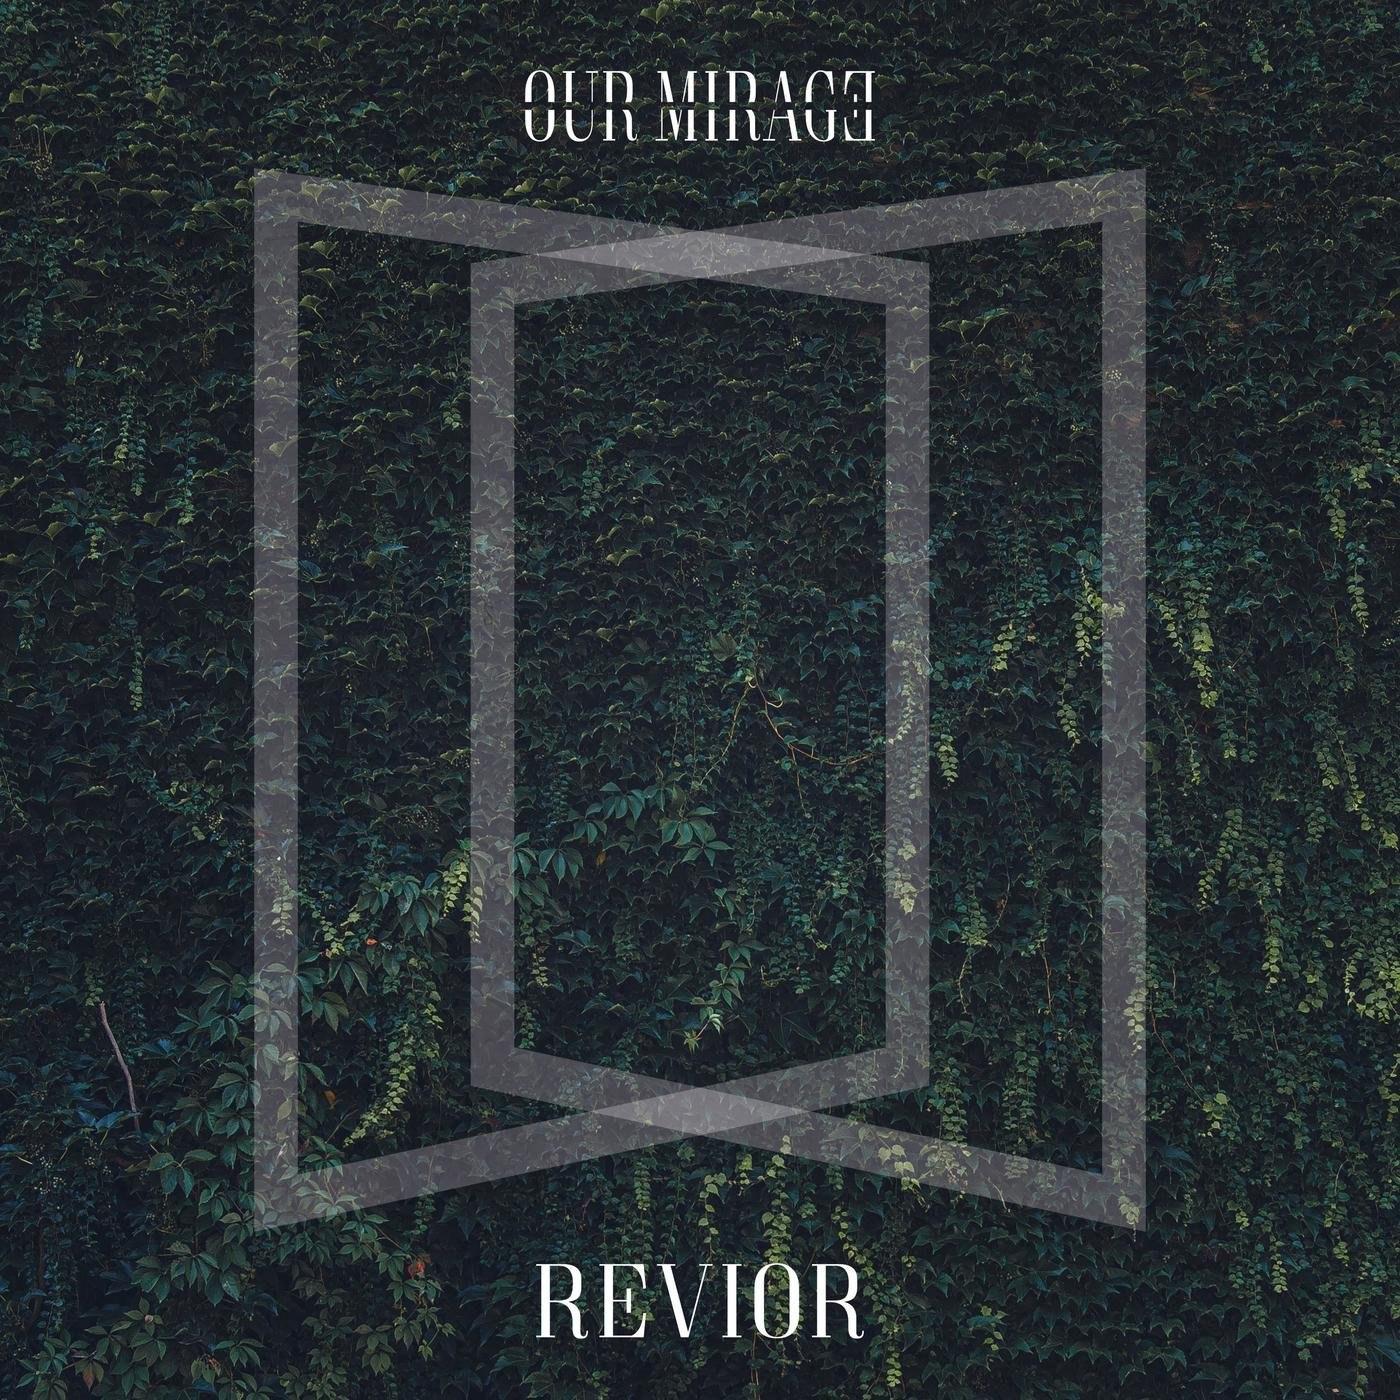 Our Mirage - Revivor [single] (2017)